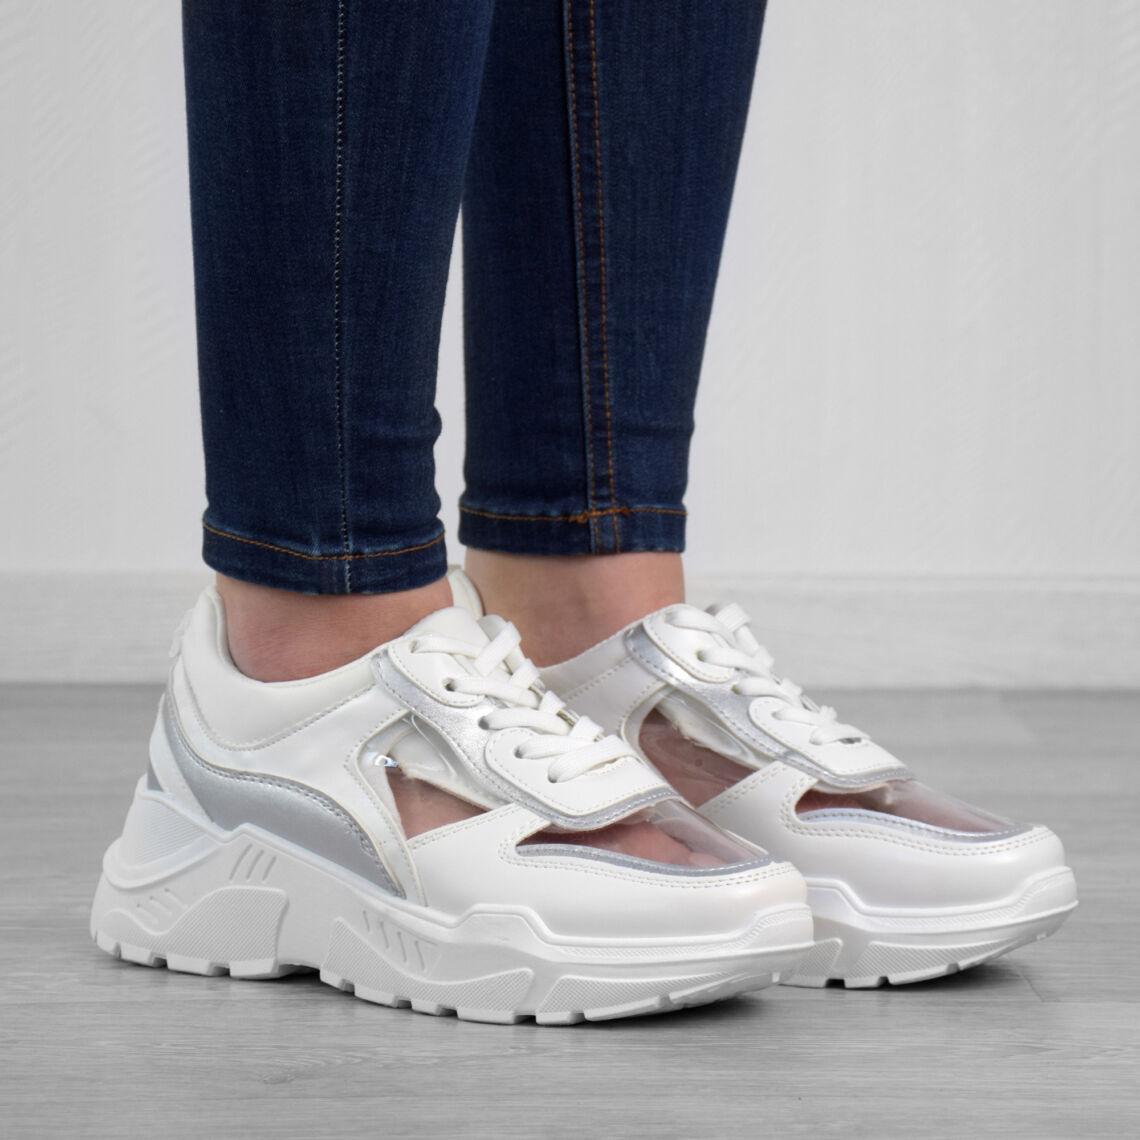 78c4094081 Fehér magas talpú női poliészter utcai cipő - SPORTCIPŐK - Női cipő ...